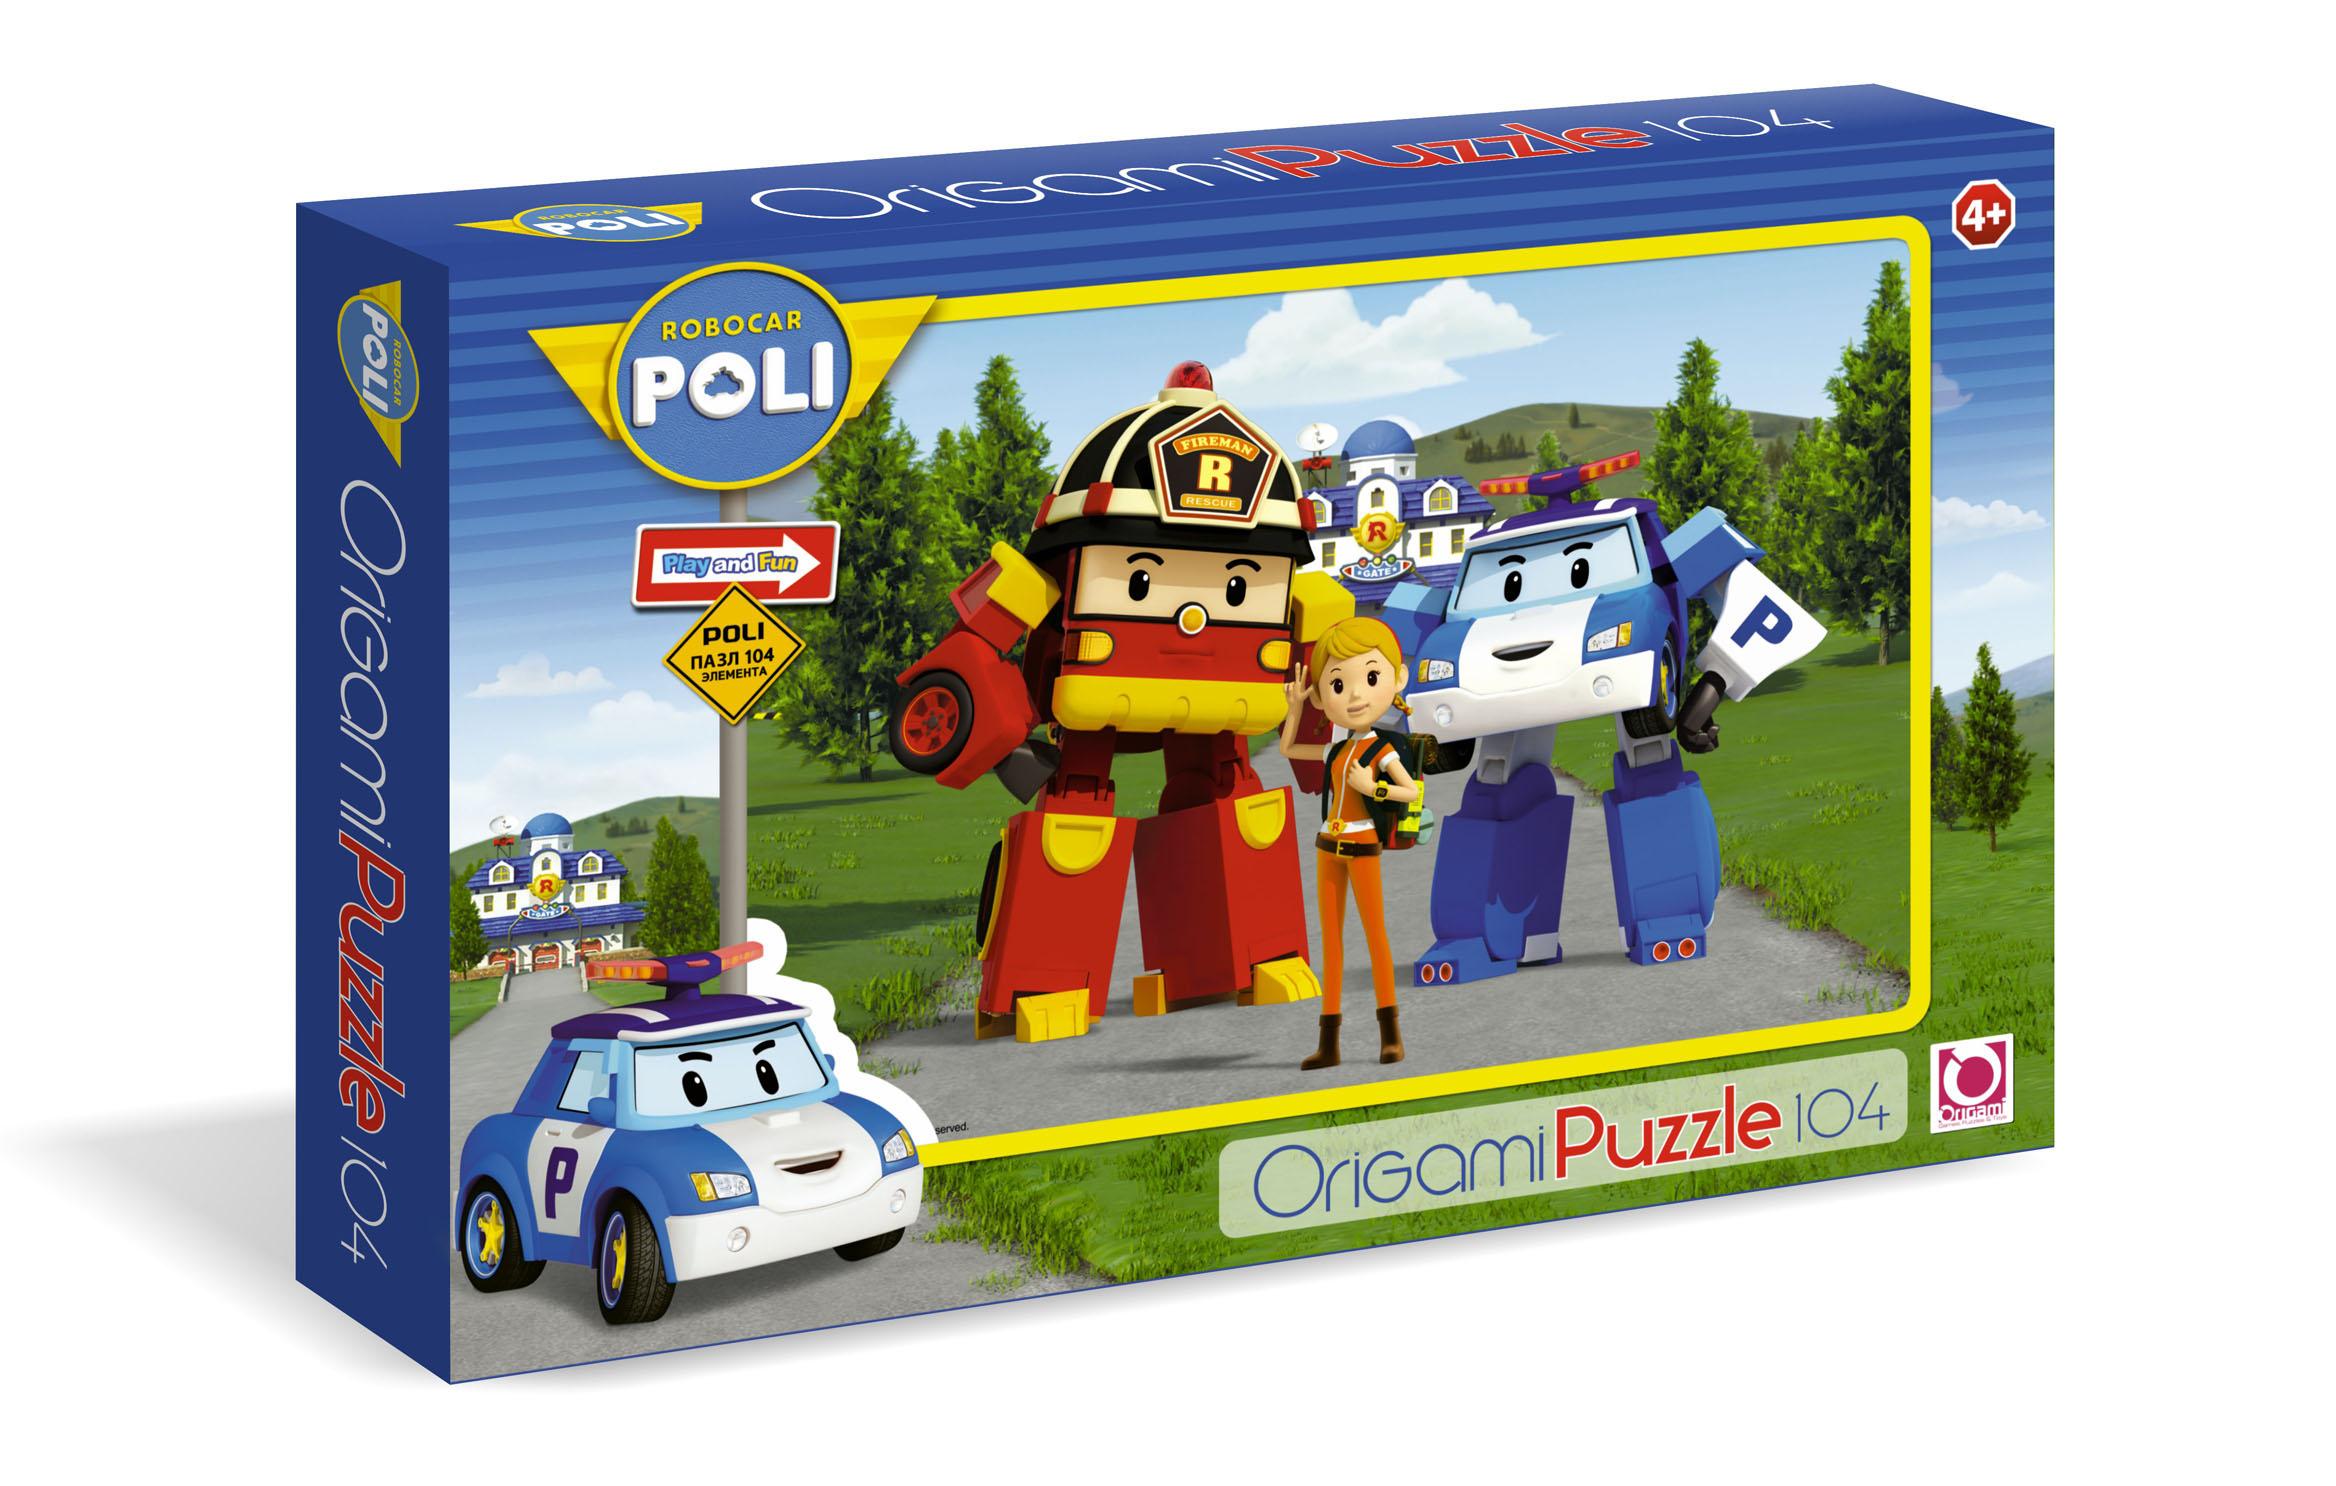 Паззл Robocar Poli 104 элементаRobocar Poli. Робокар Поли и его друзья<br>Паззл Robocar Poli 104 элемента<br>